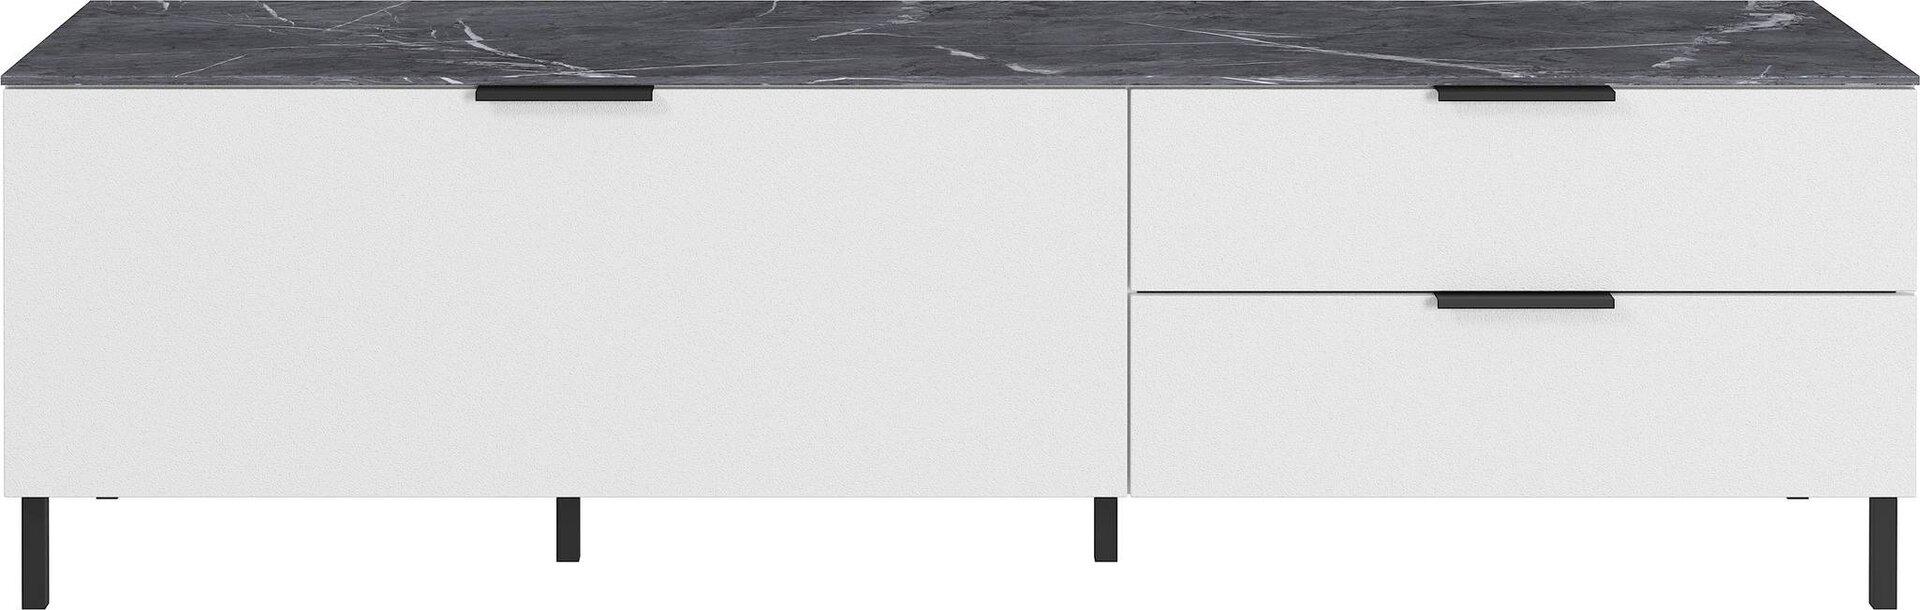 Lowboard GW-CALIFORNIA Germania Holzwerkstoff mehrfarbig 47 x 47 x 164 cm